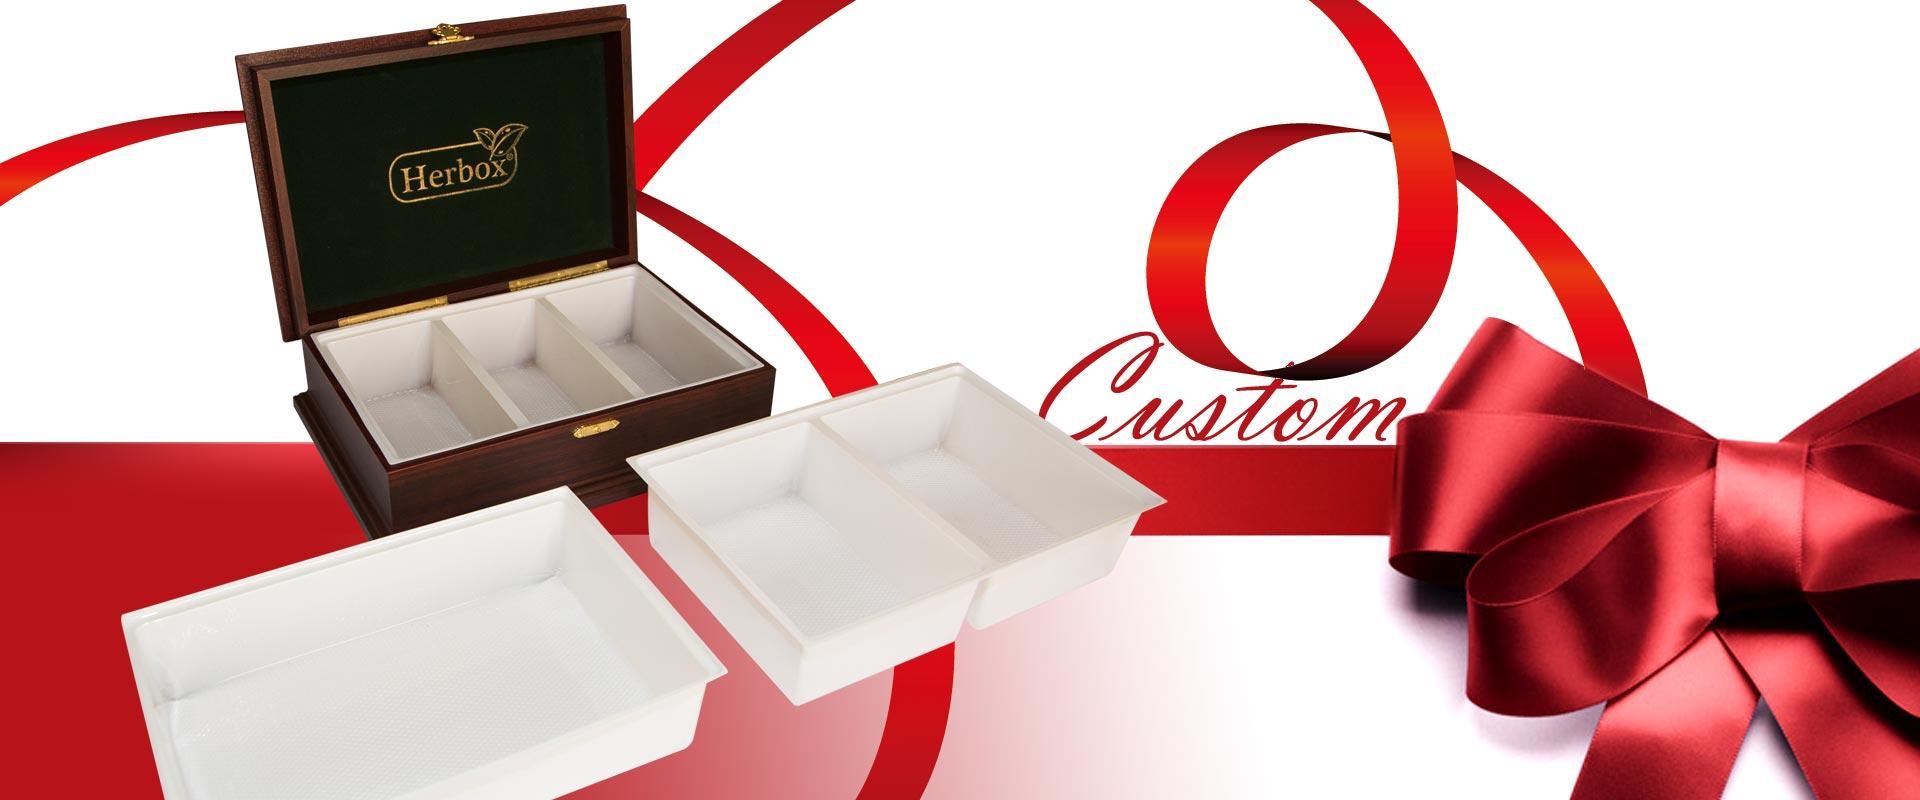 جعبه های سفارشی هرباکس